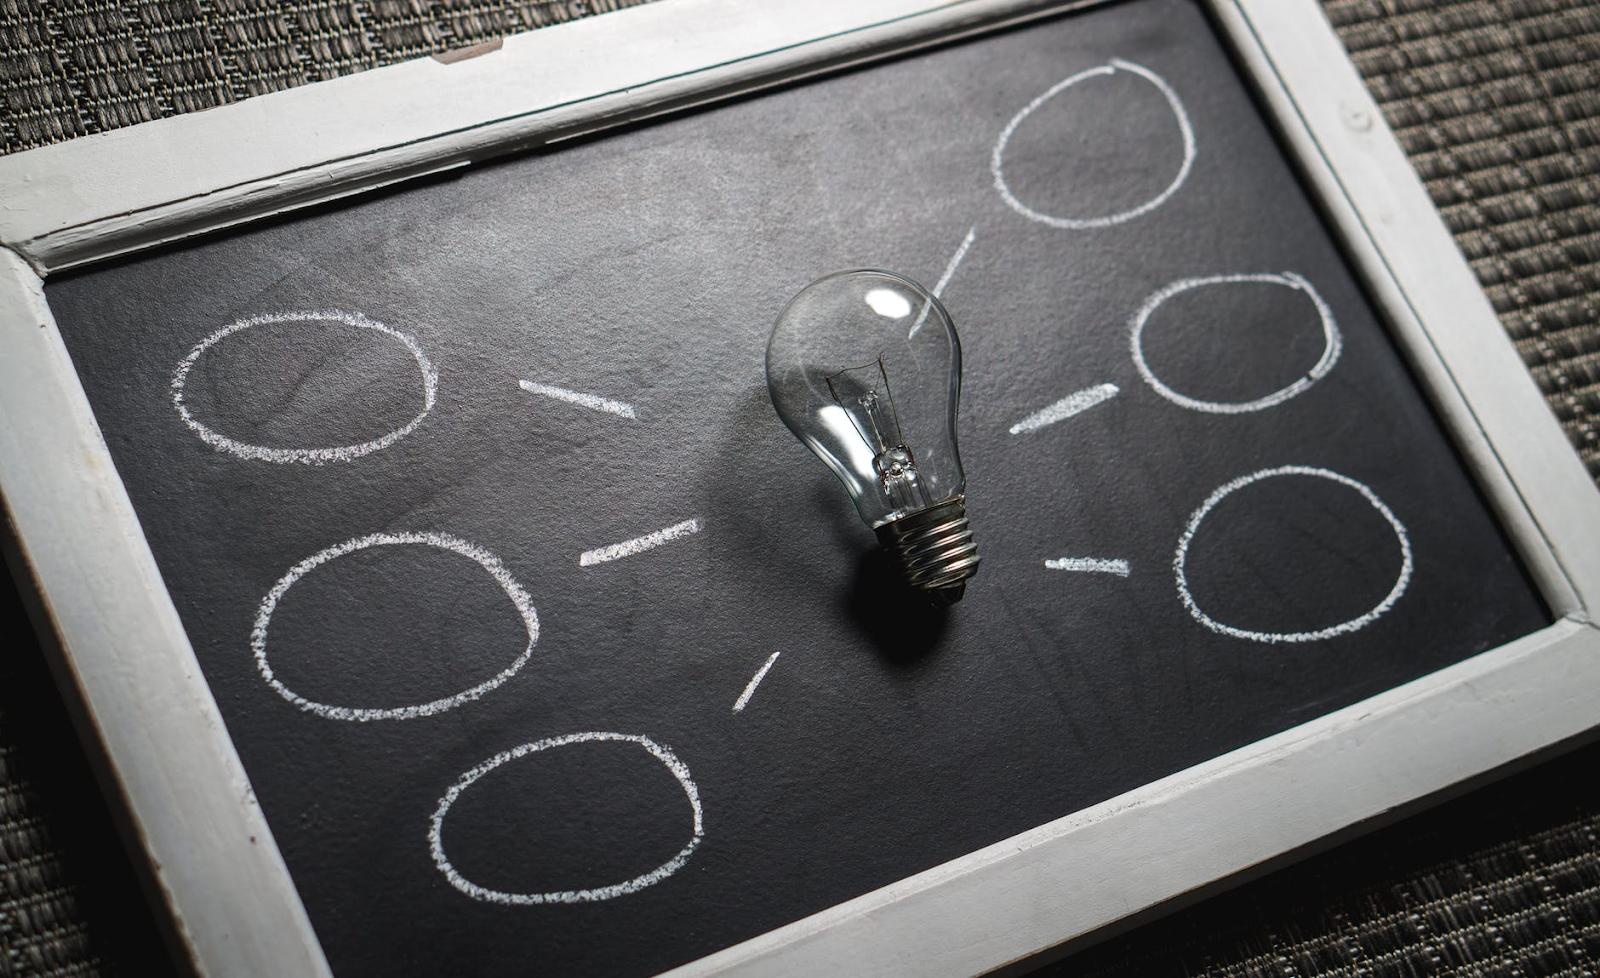 Изображение лампочки на классной доске с выходящими из нее пузырями идей.